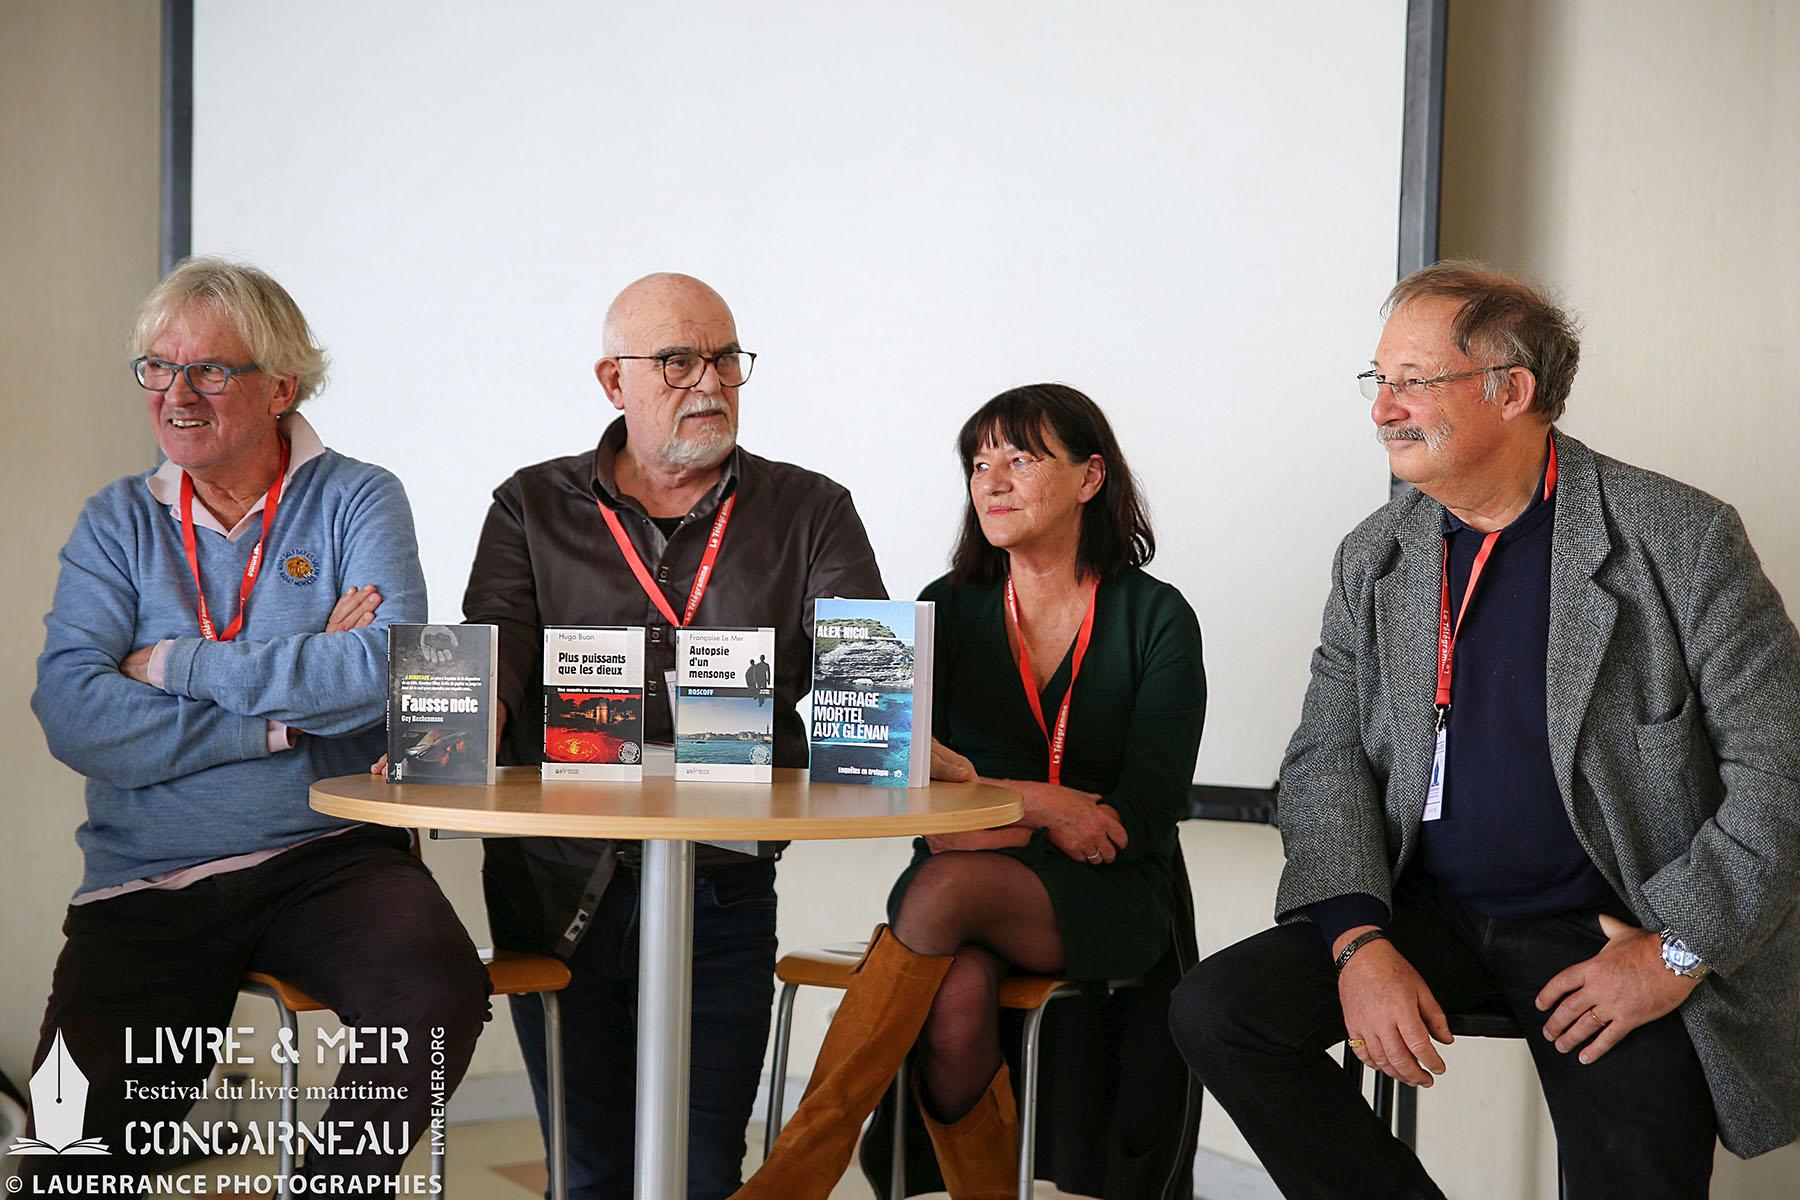 Guy Rechenmann, Christian Blanchard, Françoise Le Mer & Alex Nicol © Lauerrance Photographies